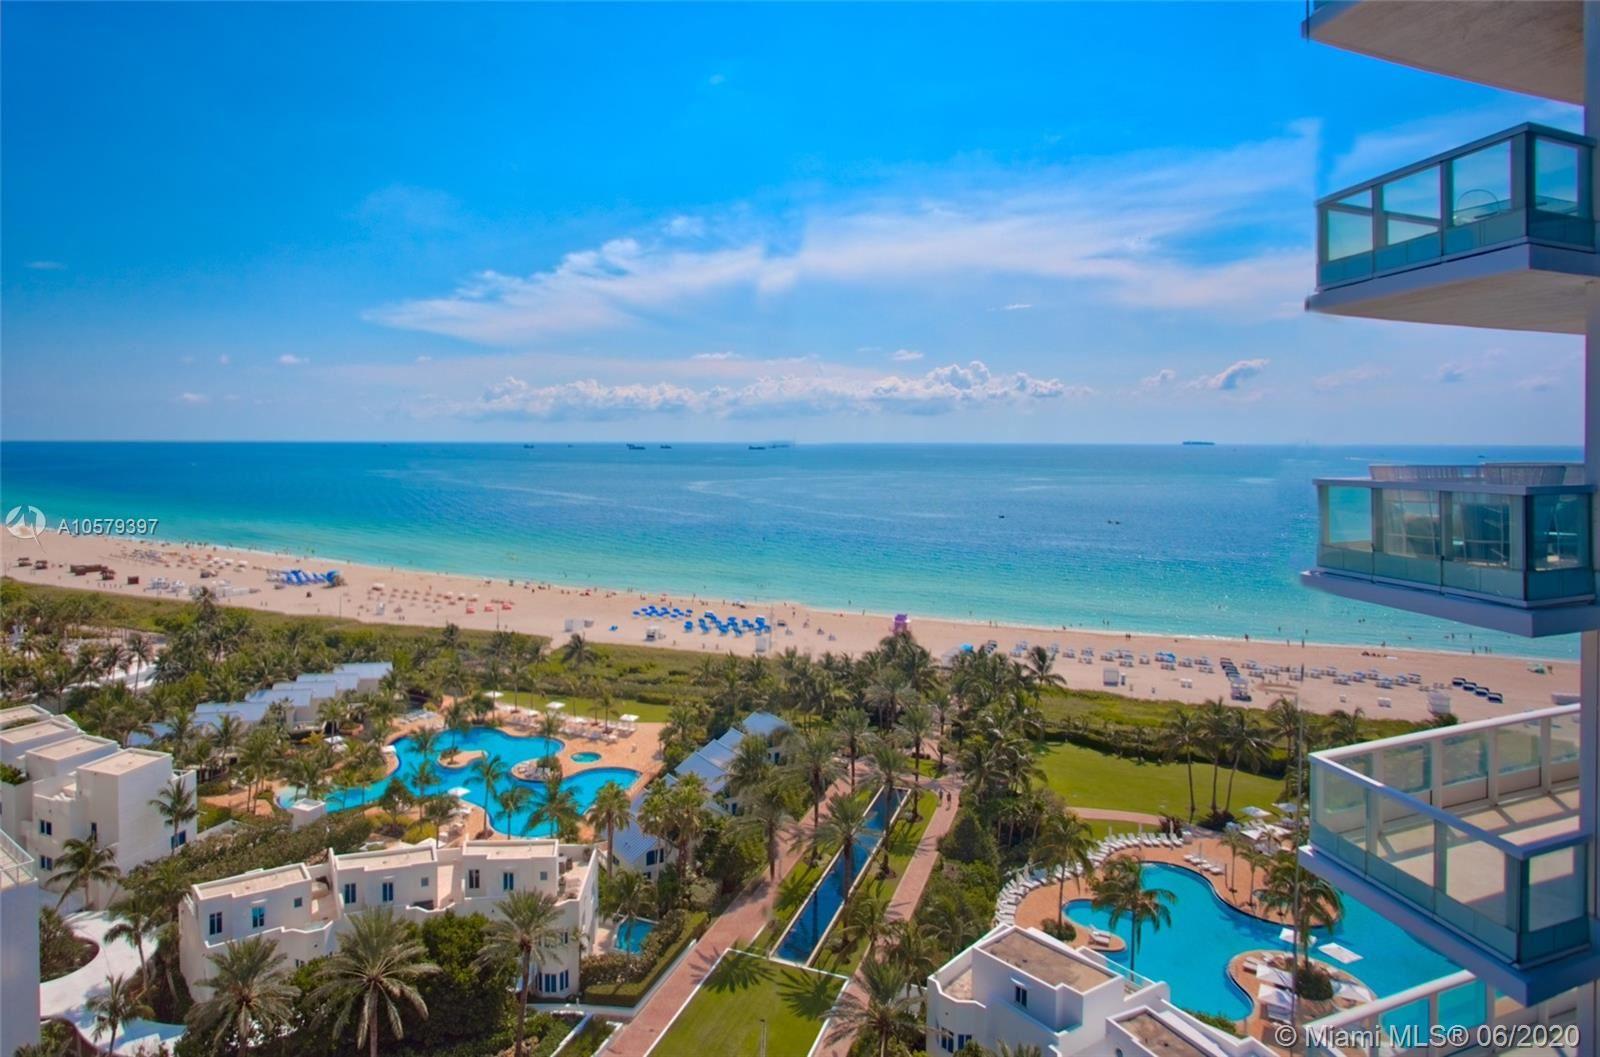 100 S Pointe Dr #1610, Miami Beach, FL 33139 - #: A10579397